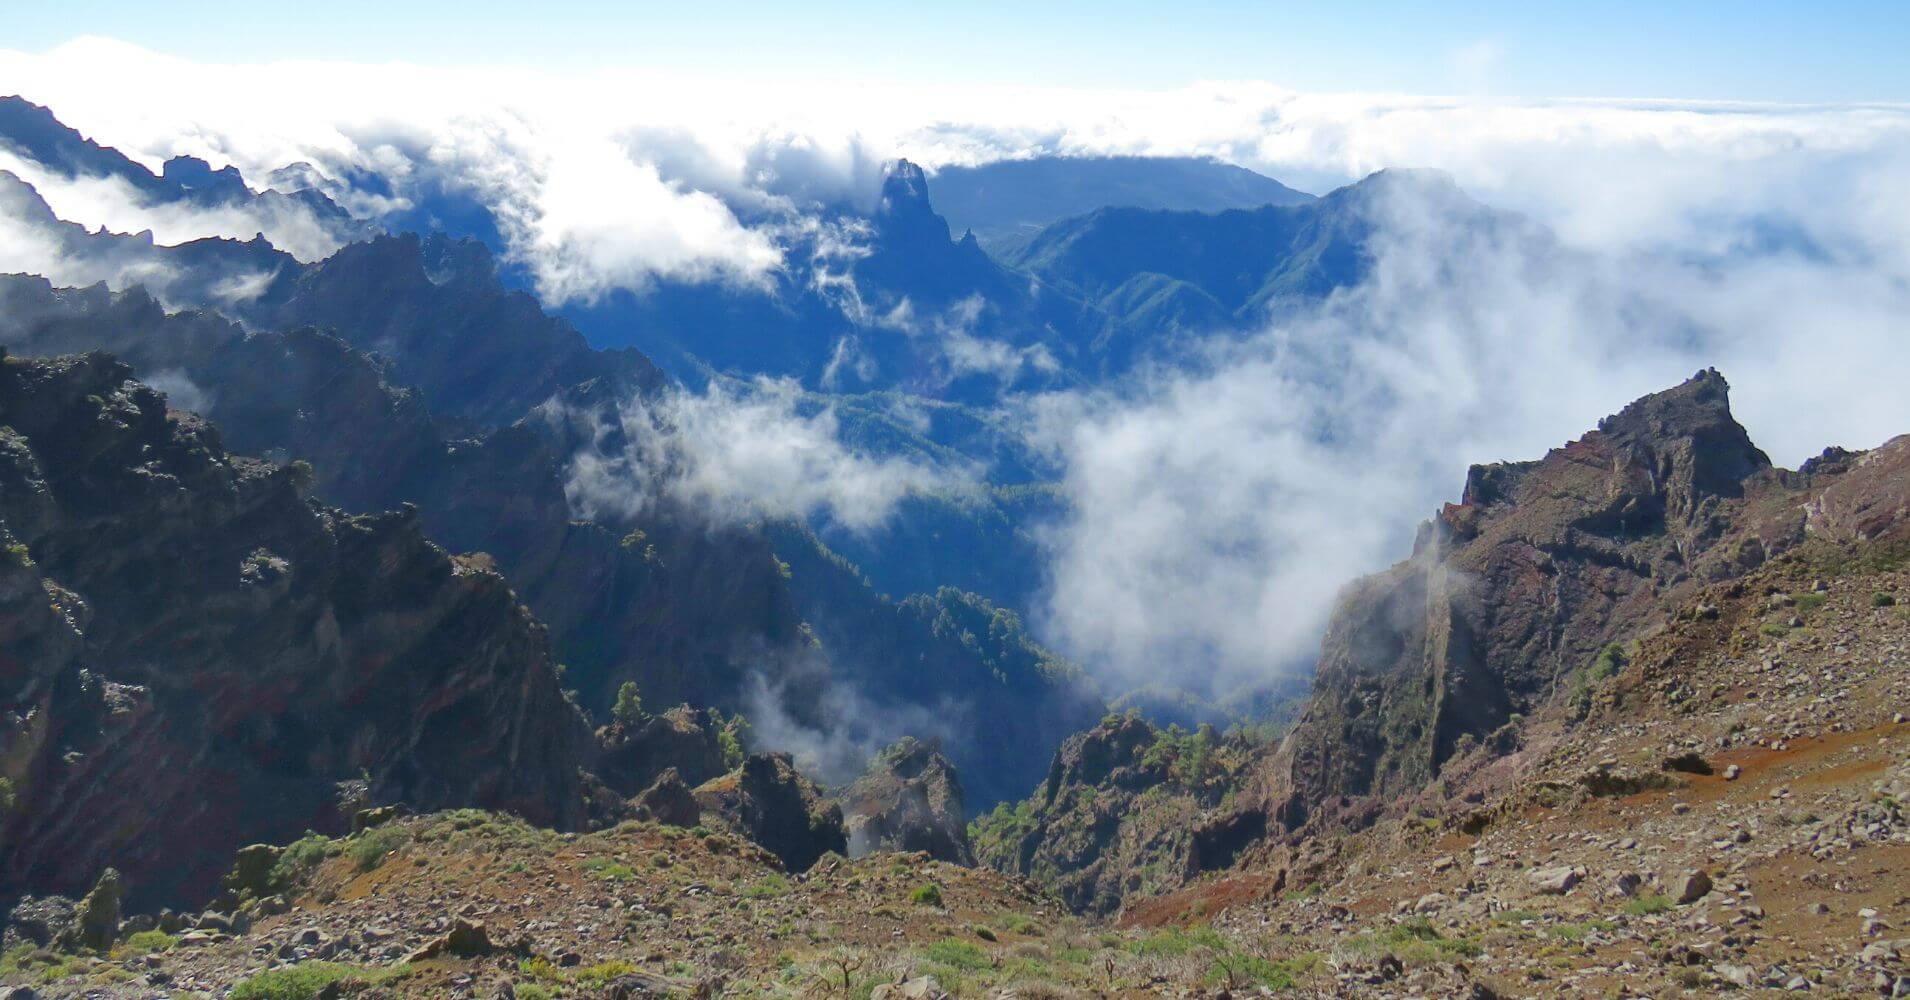 Parque Nacional de la Caldera de Taburiente. La Palma. Islas Canarias.